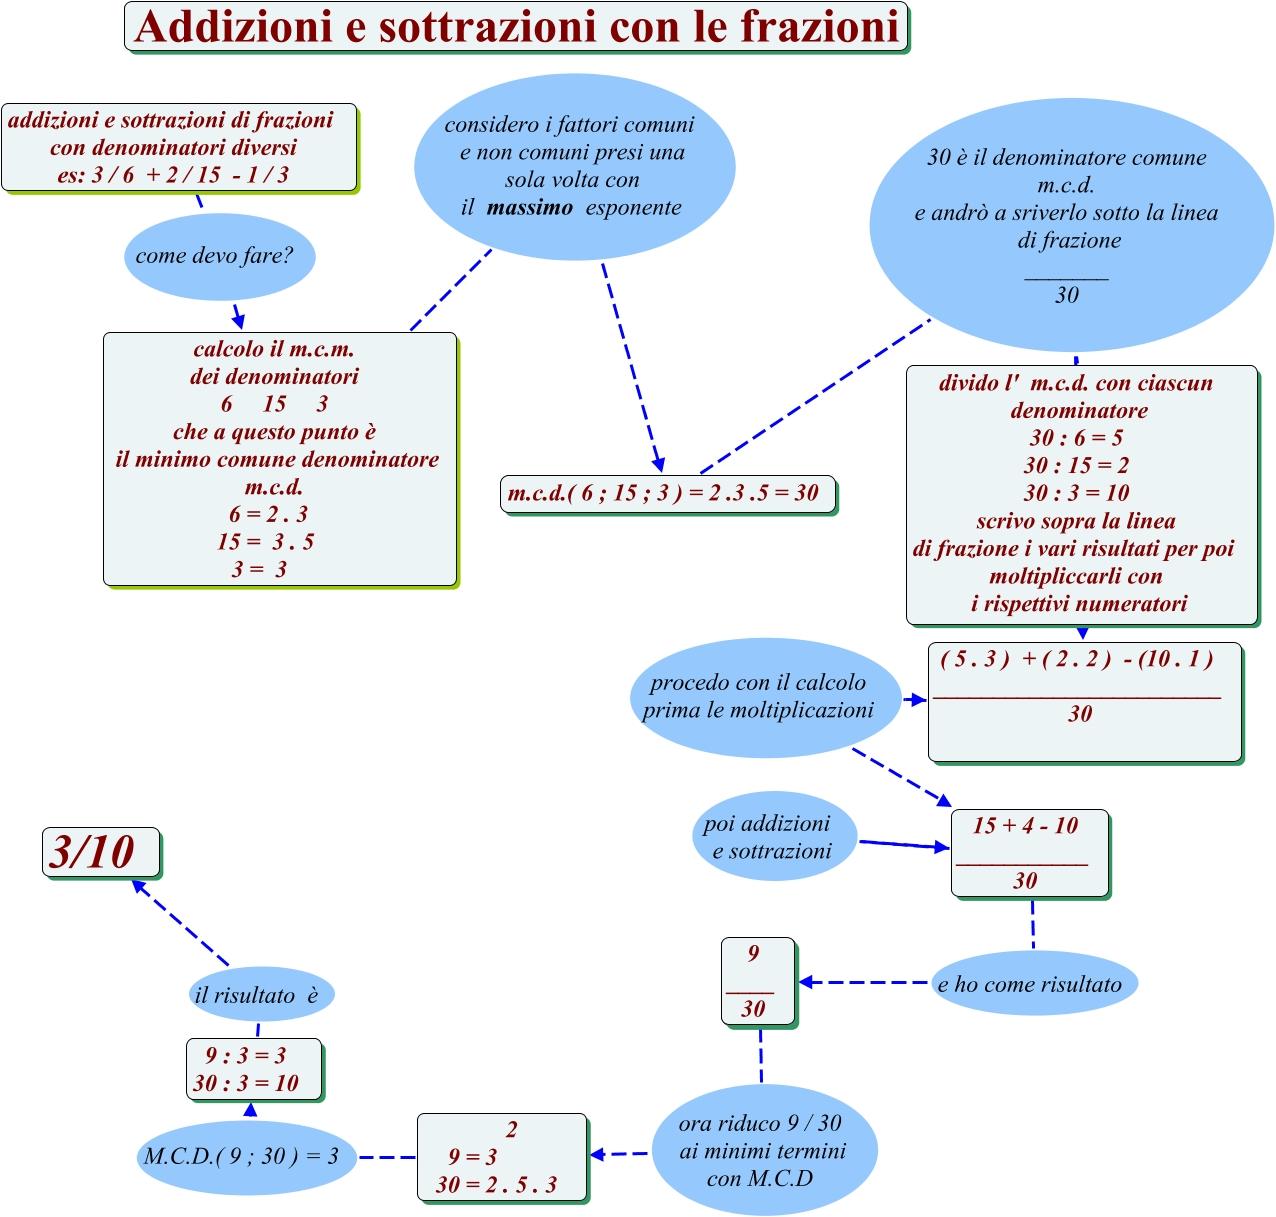 Addizioni e sottrazioni di frazioni con denominatori diversi come si calcolano le addizioni e - Addizionare e sottrarre frazioni con denominatori diversi ...